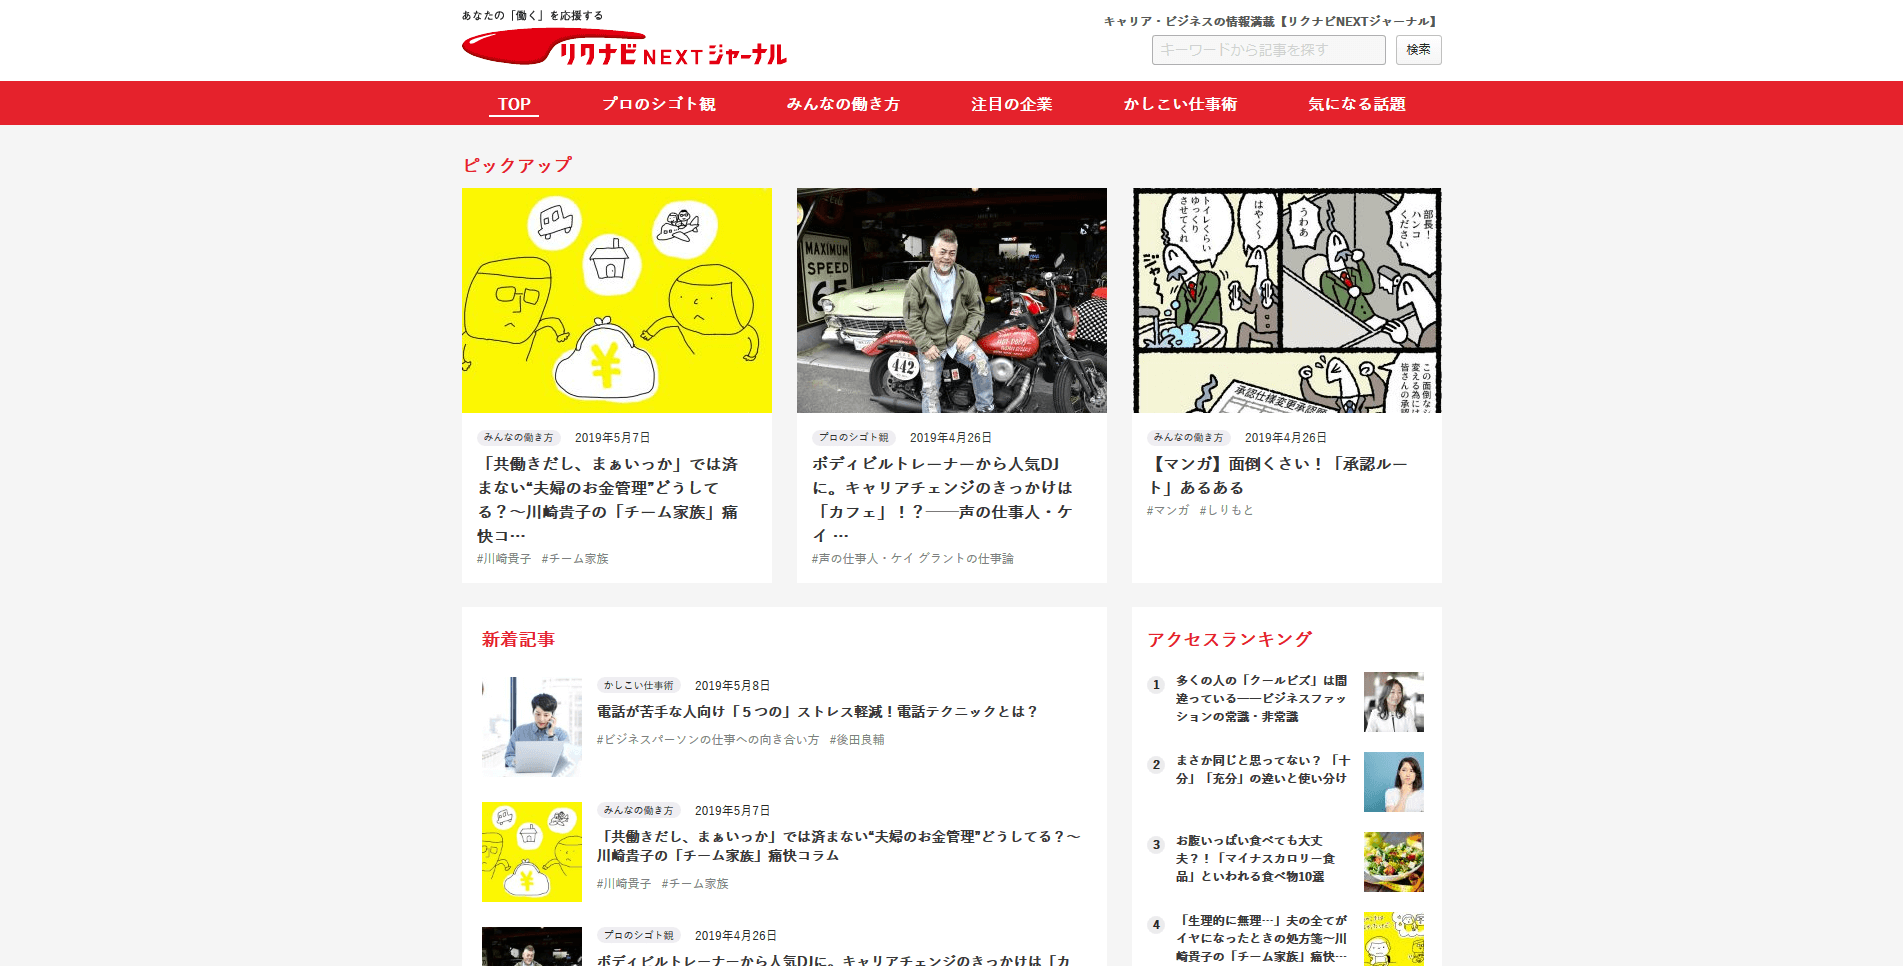 リクナビNEXTジャーナル